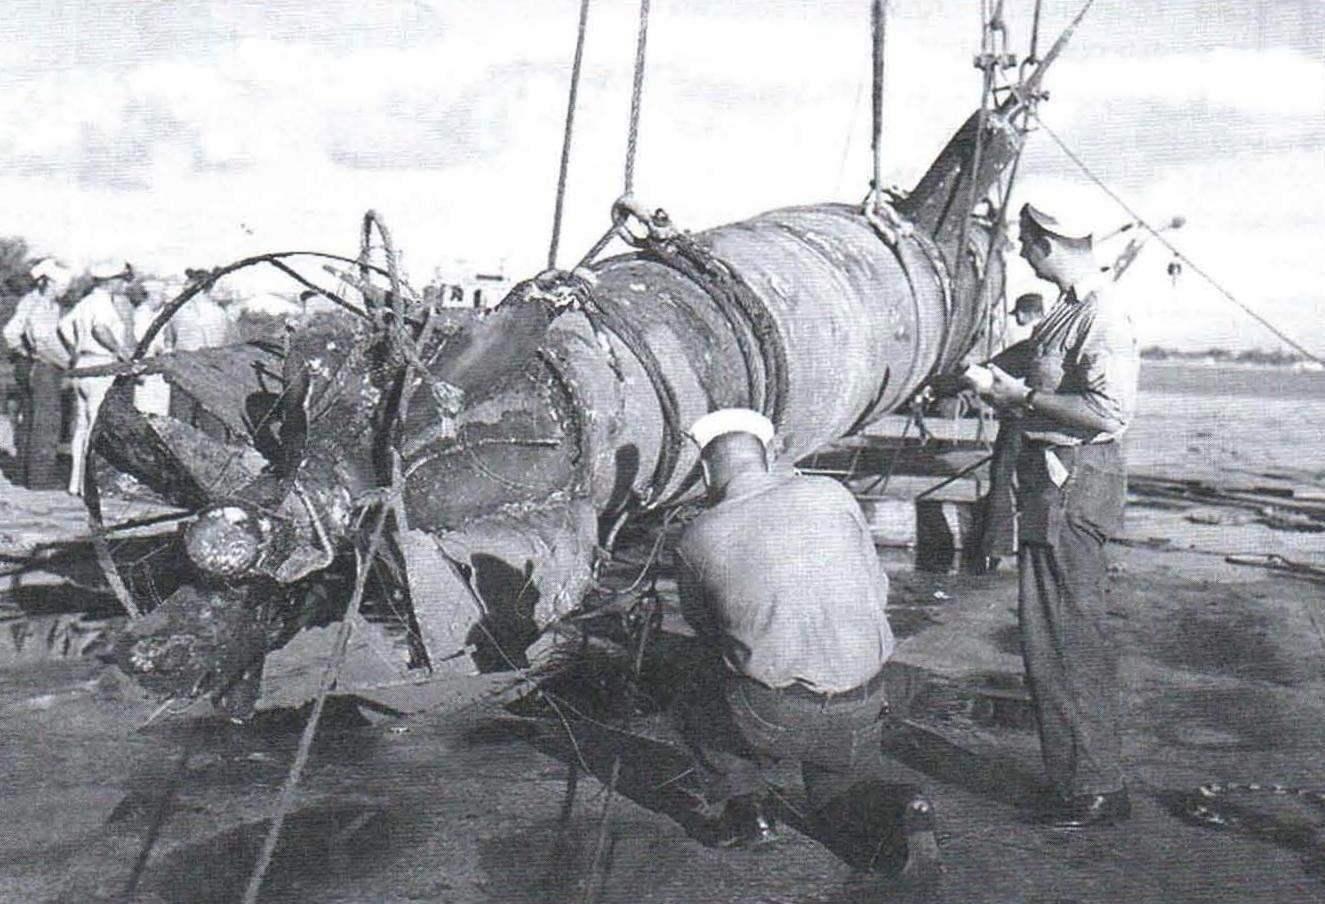 В 1961 г. американцы подняли лодку (Тип А), затонувшую в декабре 1941 г. в канале Пёрл-Харбора. Люки лодки открыты изнутри, ряд публикаций сообщает, что механик лодки Сасаки Наохару спасся и попал в плен